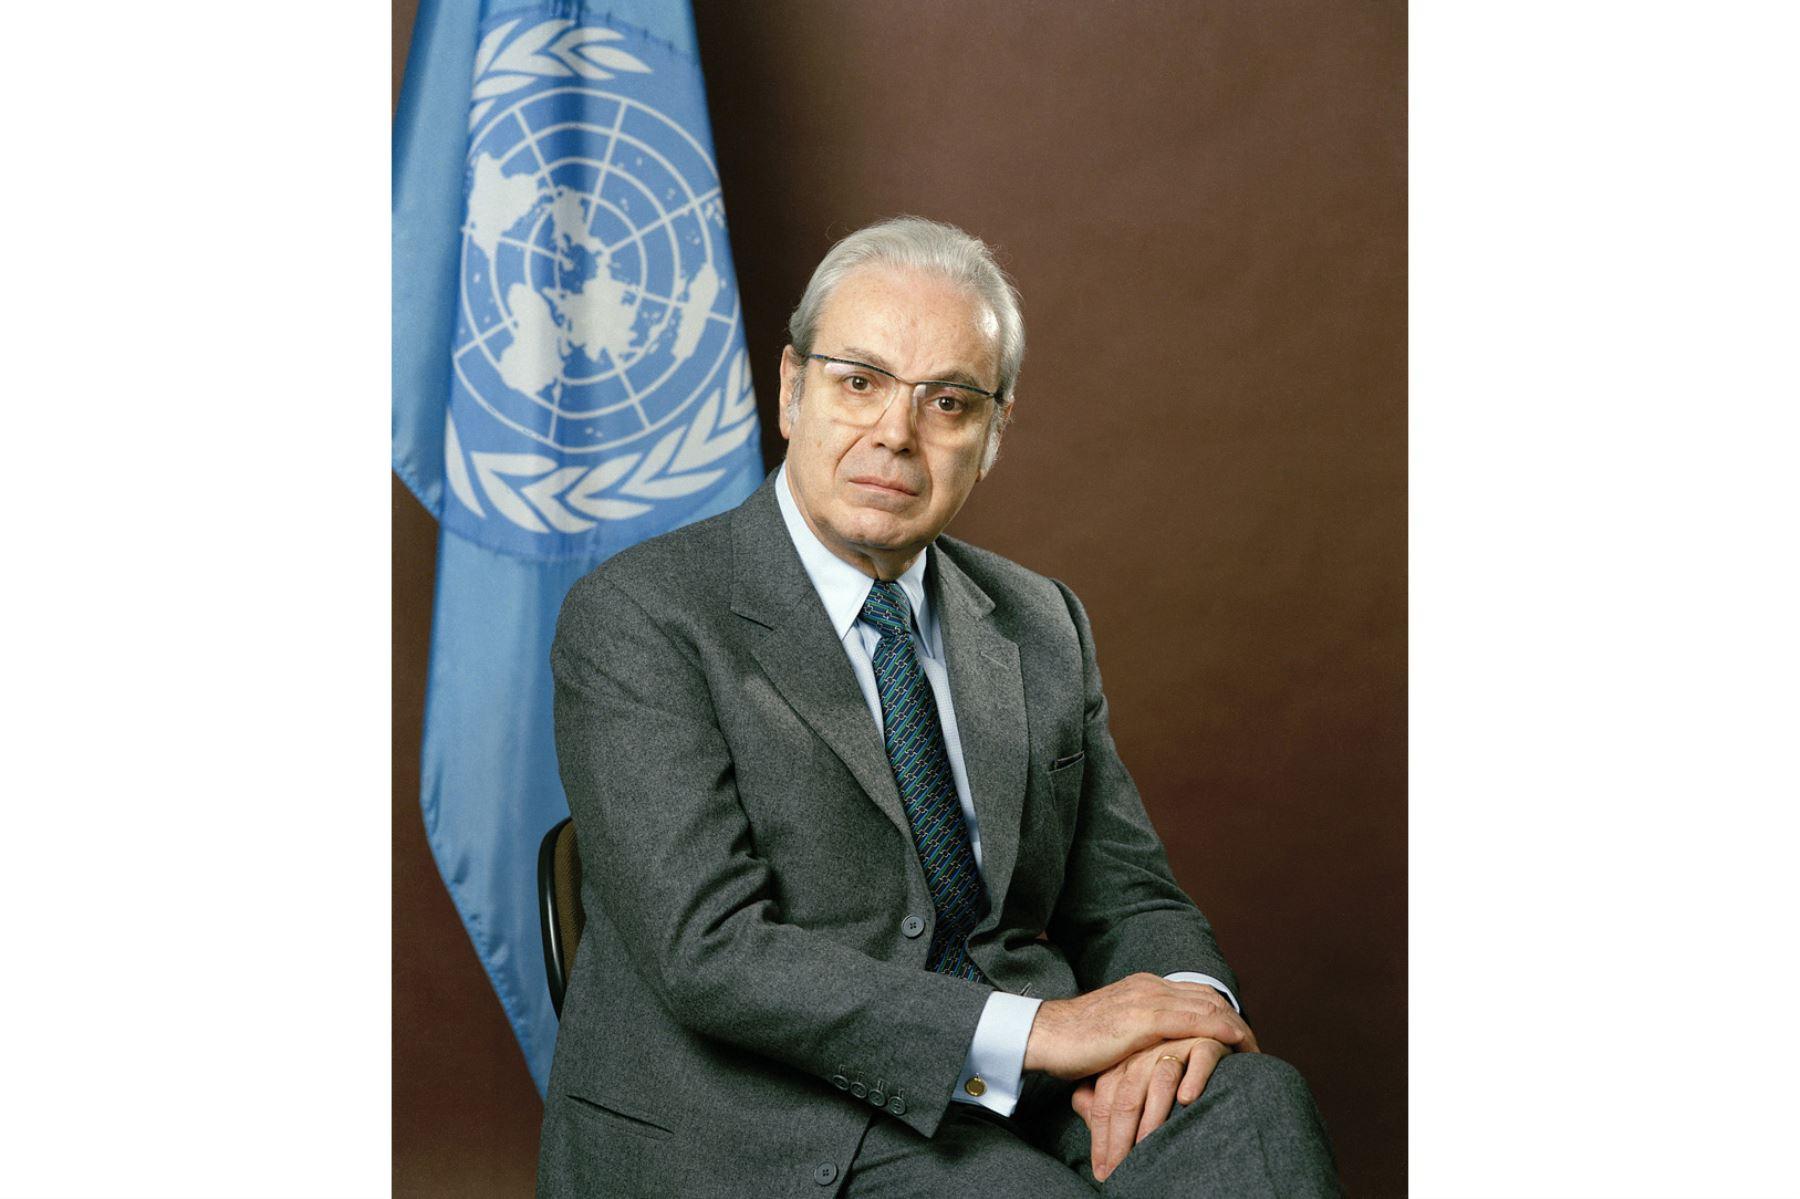 Naciones Unidas, Nueva York - 01 marzo 1987 / Retrato de Javier Pérez de Cuellar, secretario general de las Naciones Unidas. Foto: United Nations